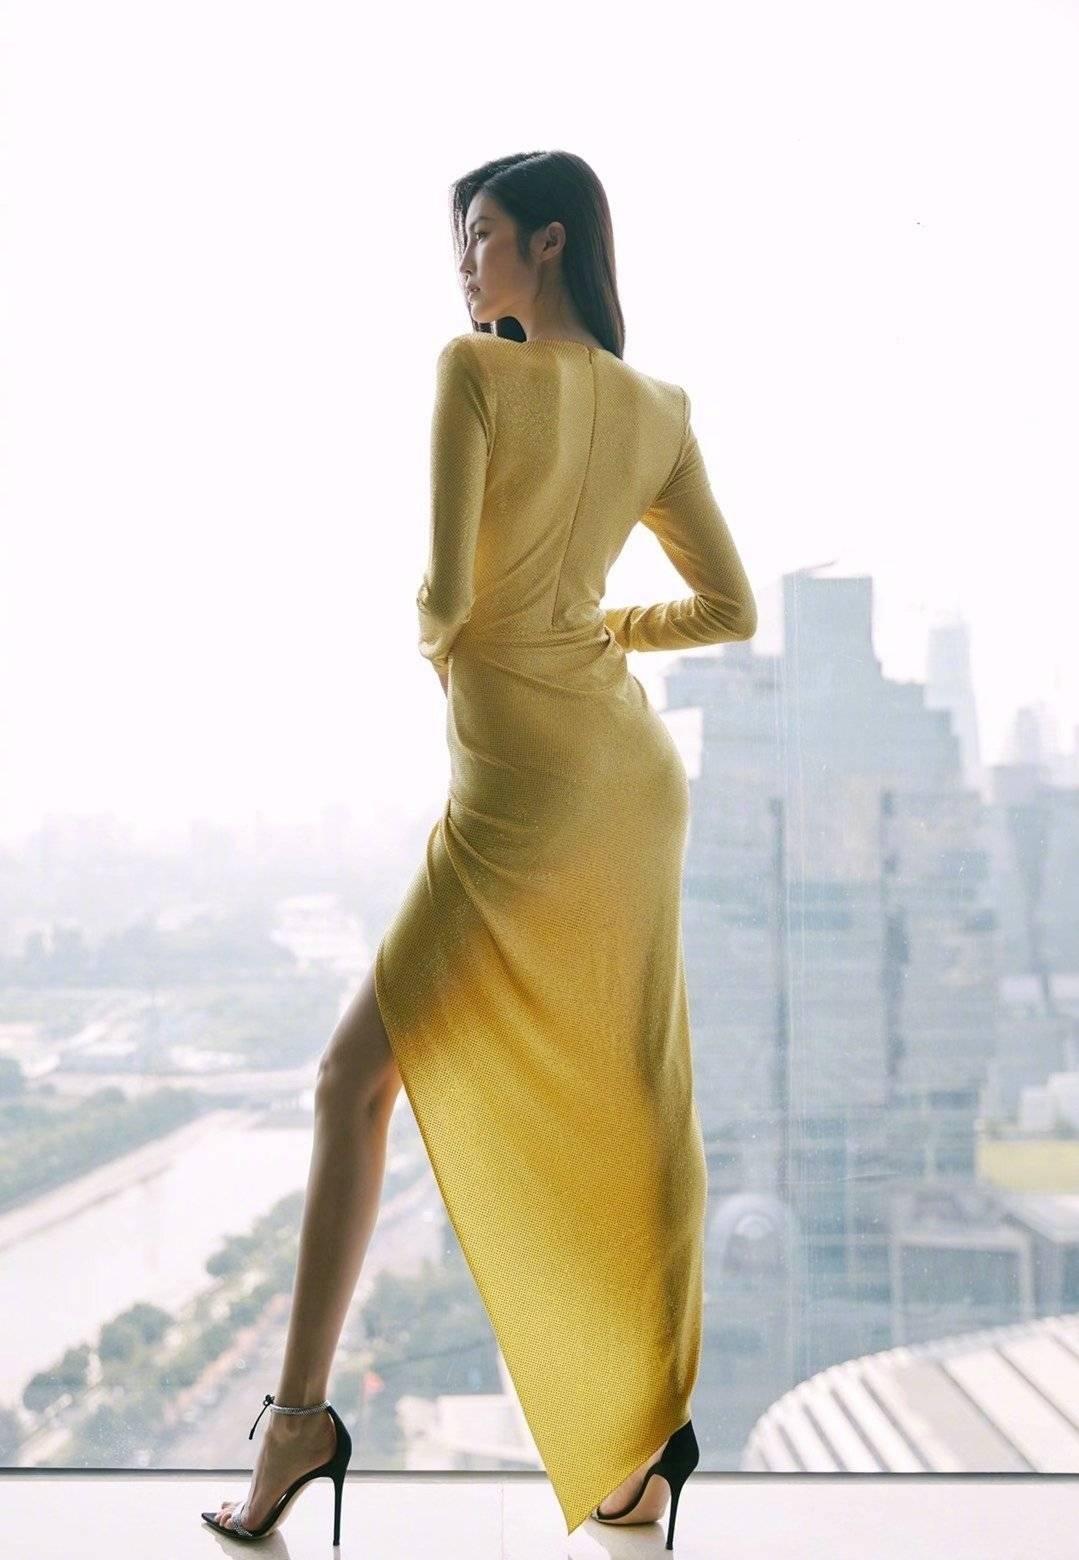 原创             何穗真是个时髦精,穿V领花朵针织衣大方明媚,女神范儿十足